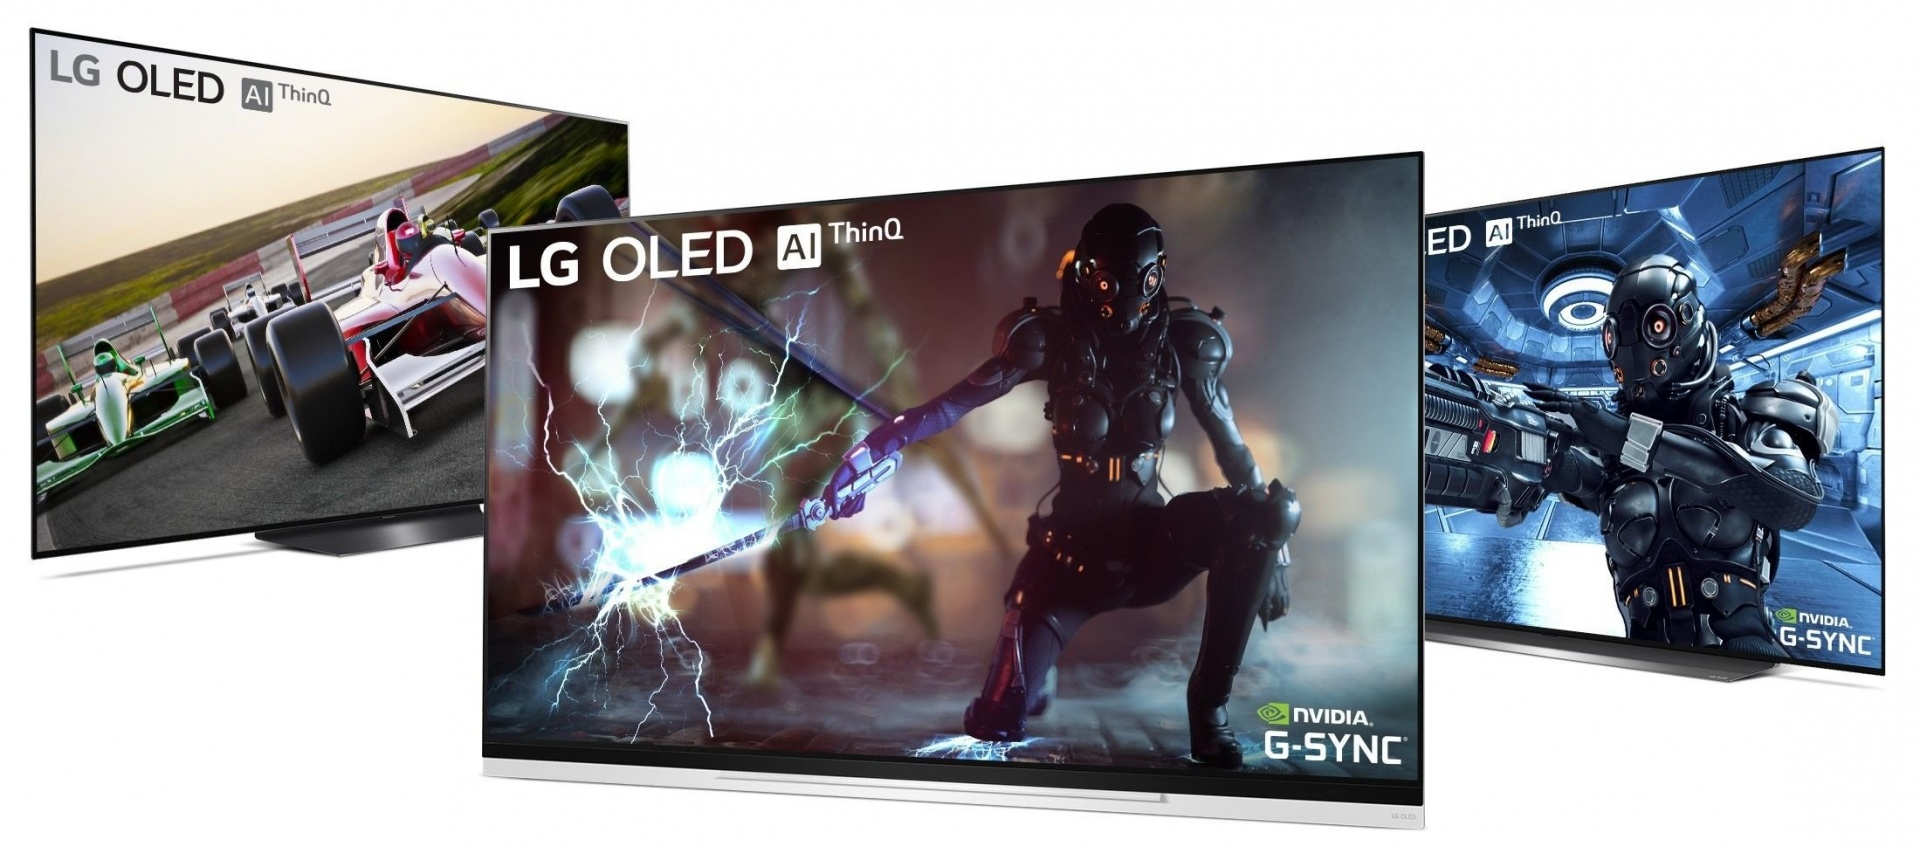 OLED-телевизоры LG получат поддержку NVIDIA G-Sync